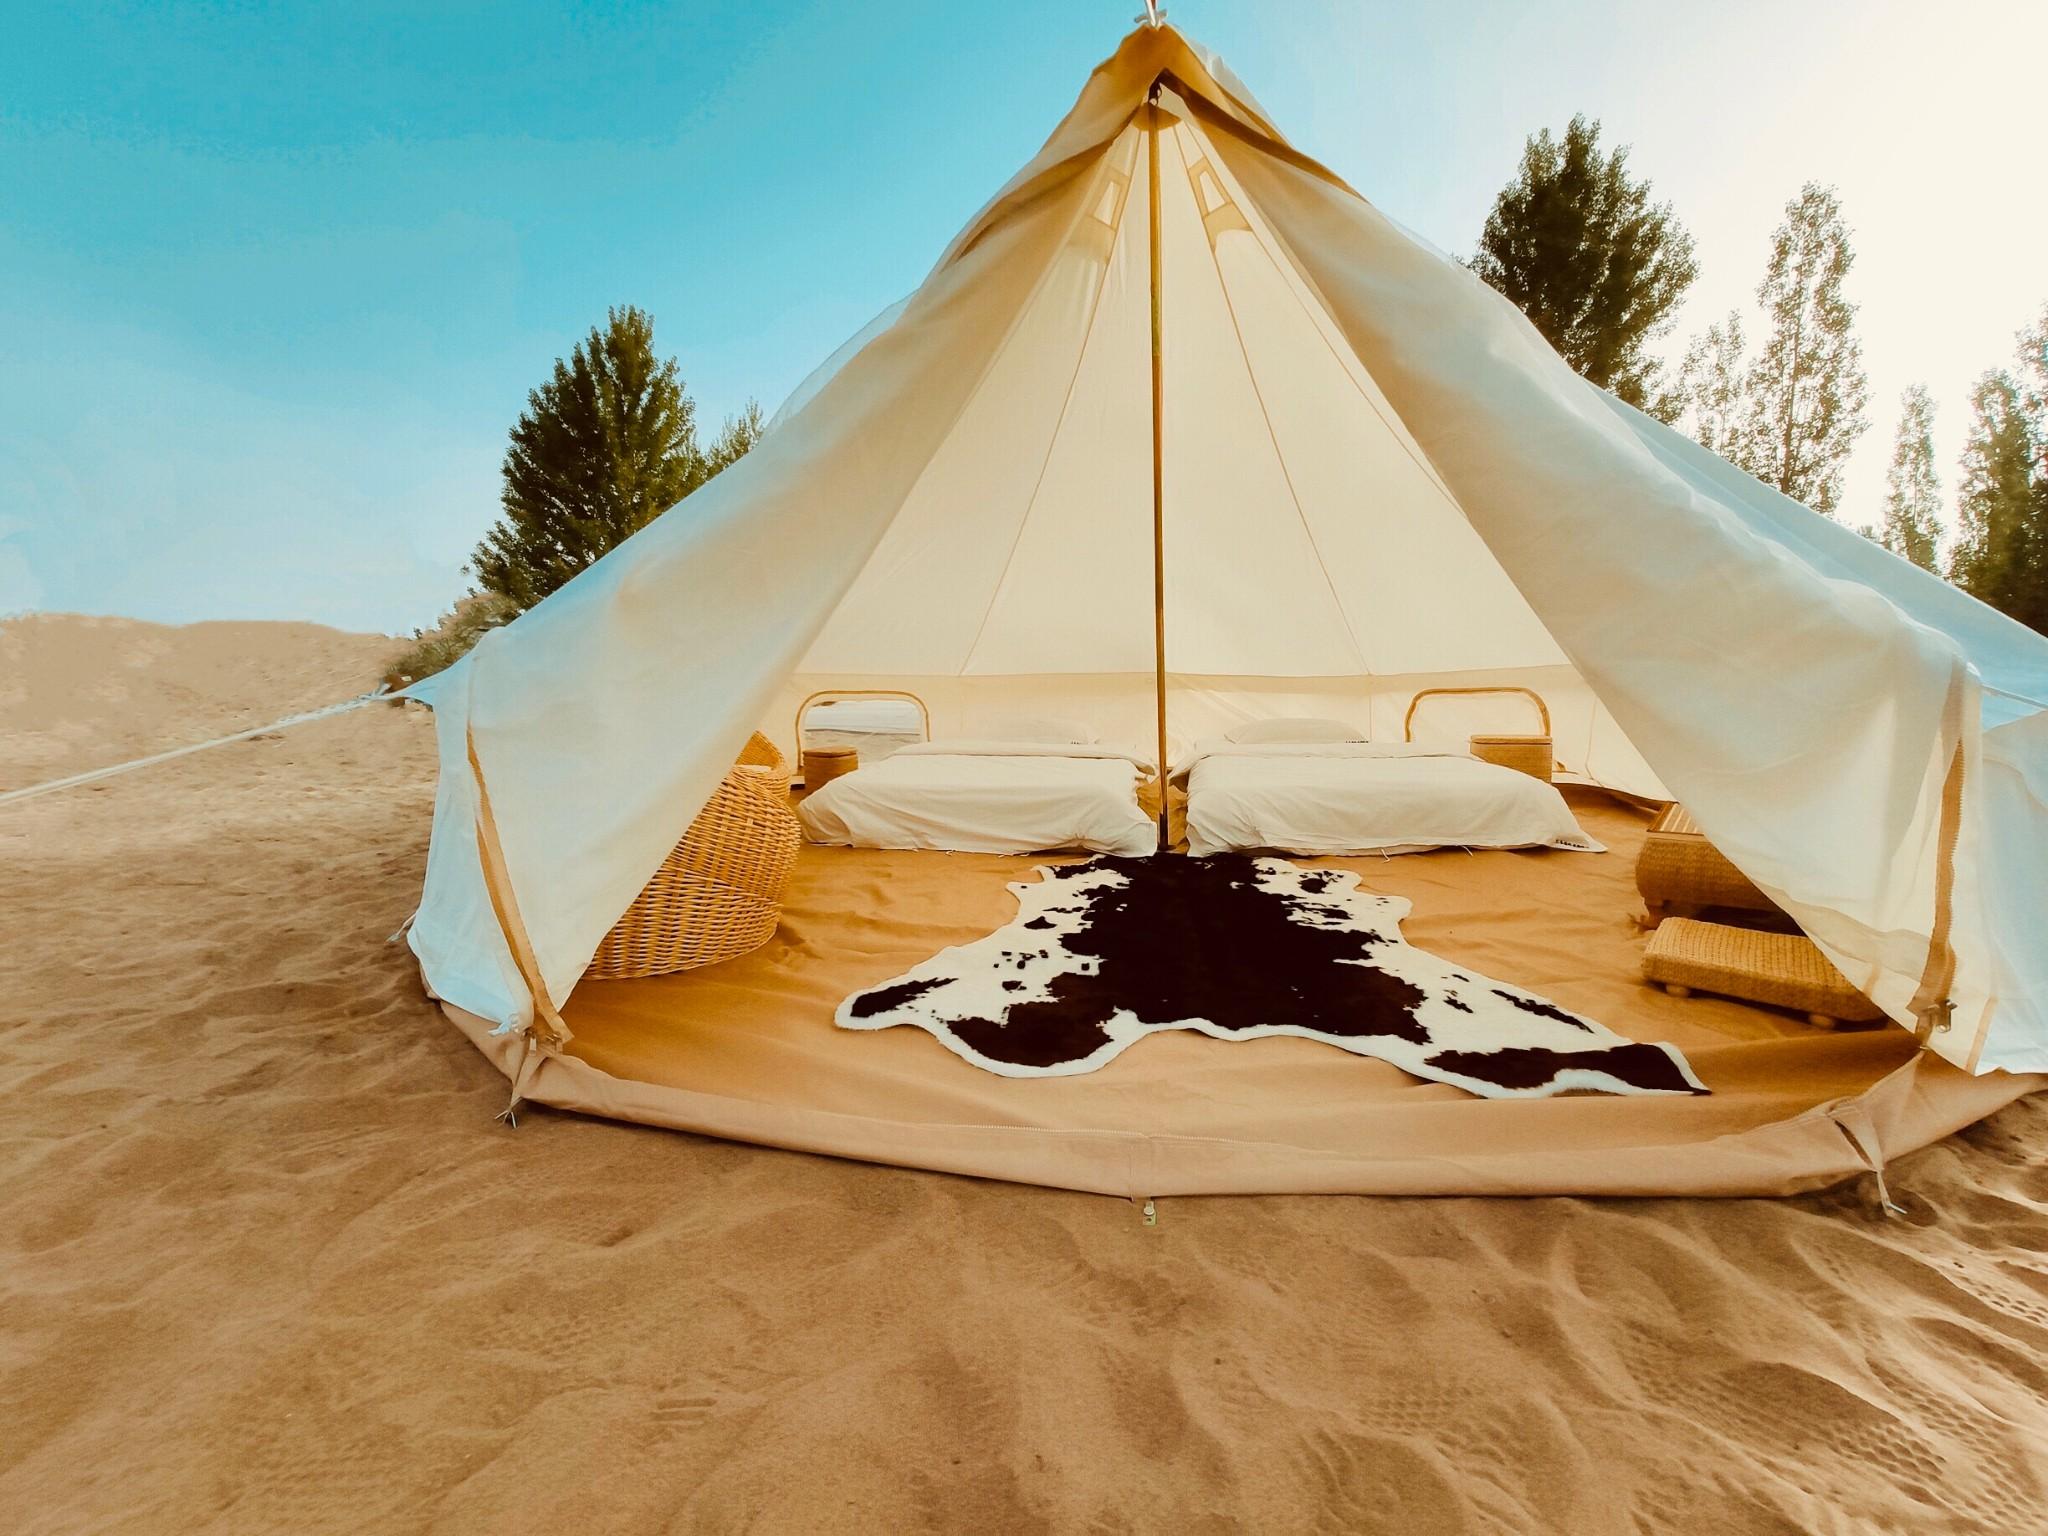 青海湖大环线——一路向西!敦煌大环线,青海湖大环线旅游,沙漠露营